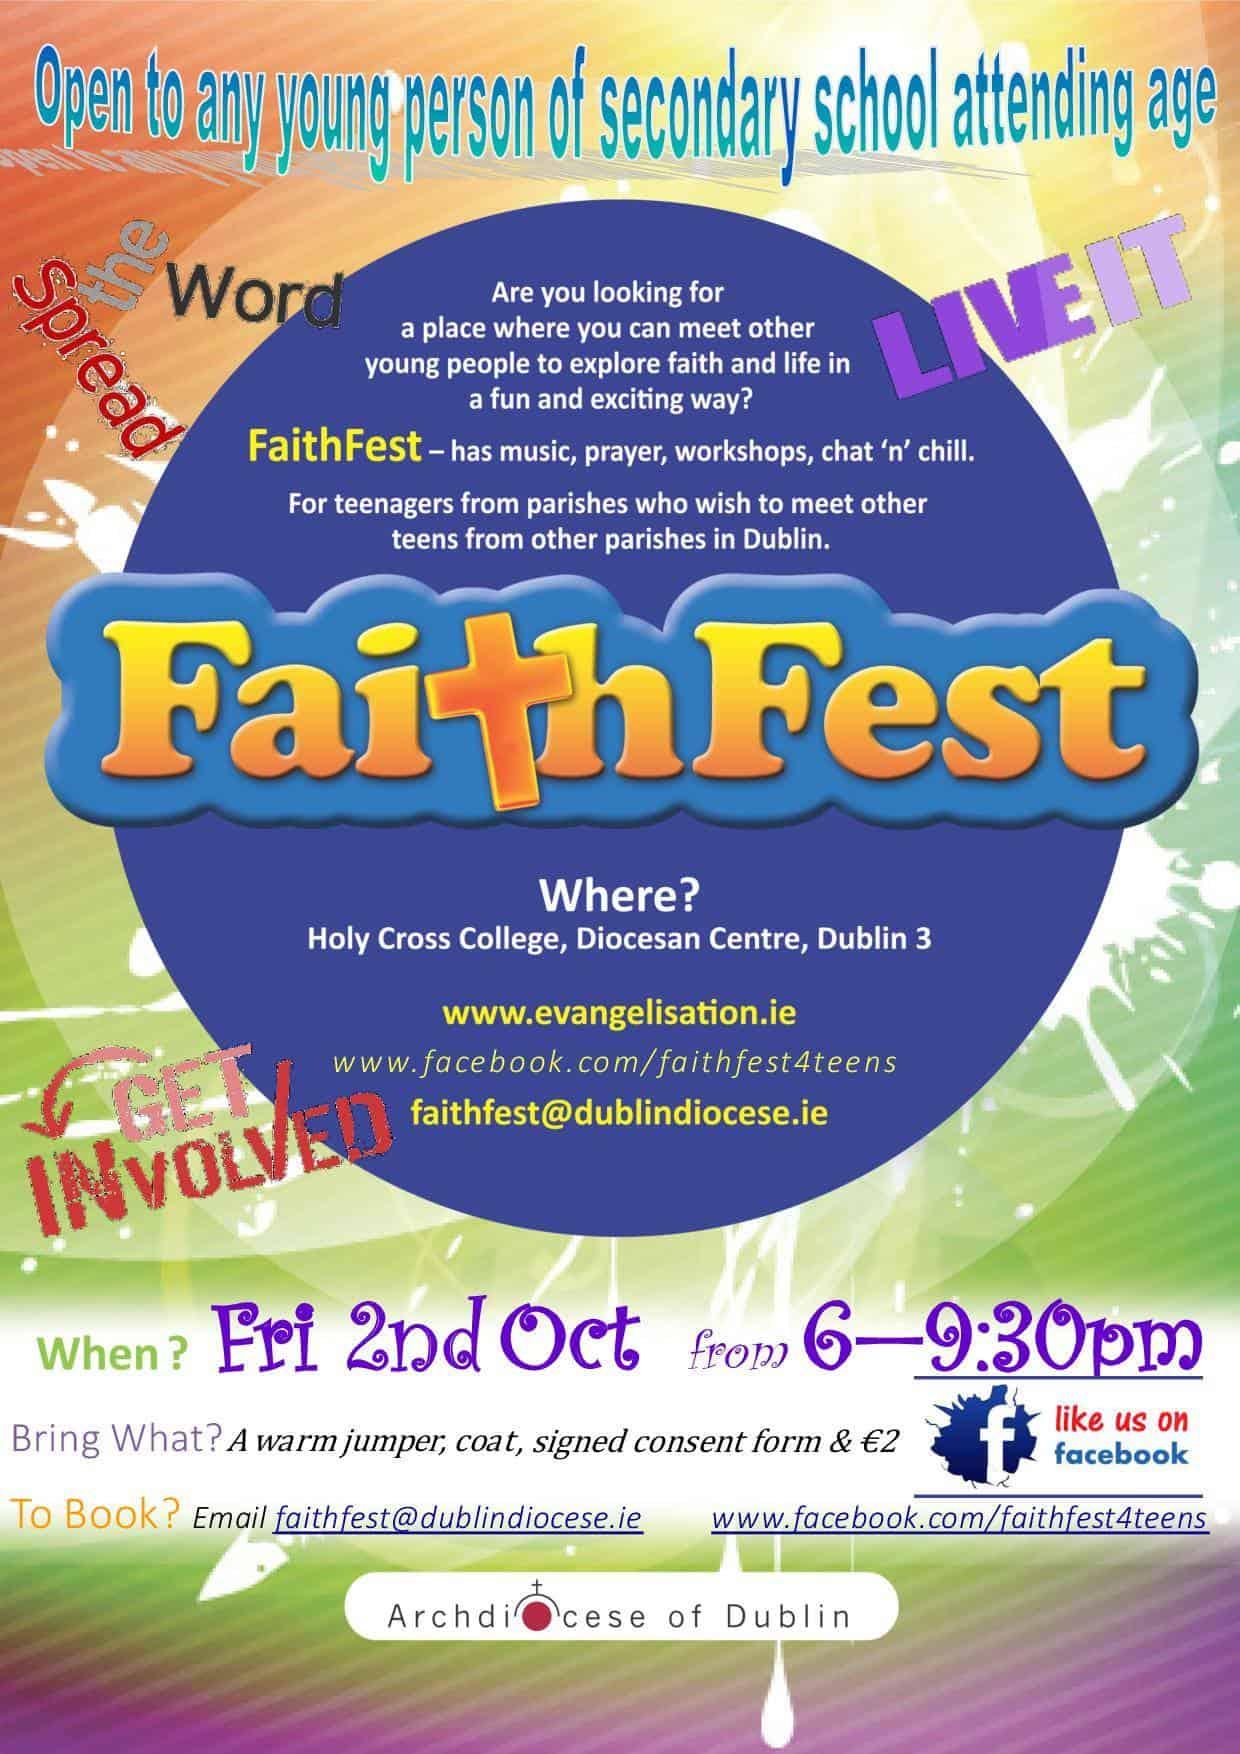 faithfest7